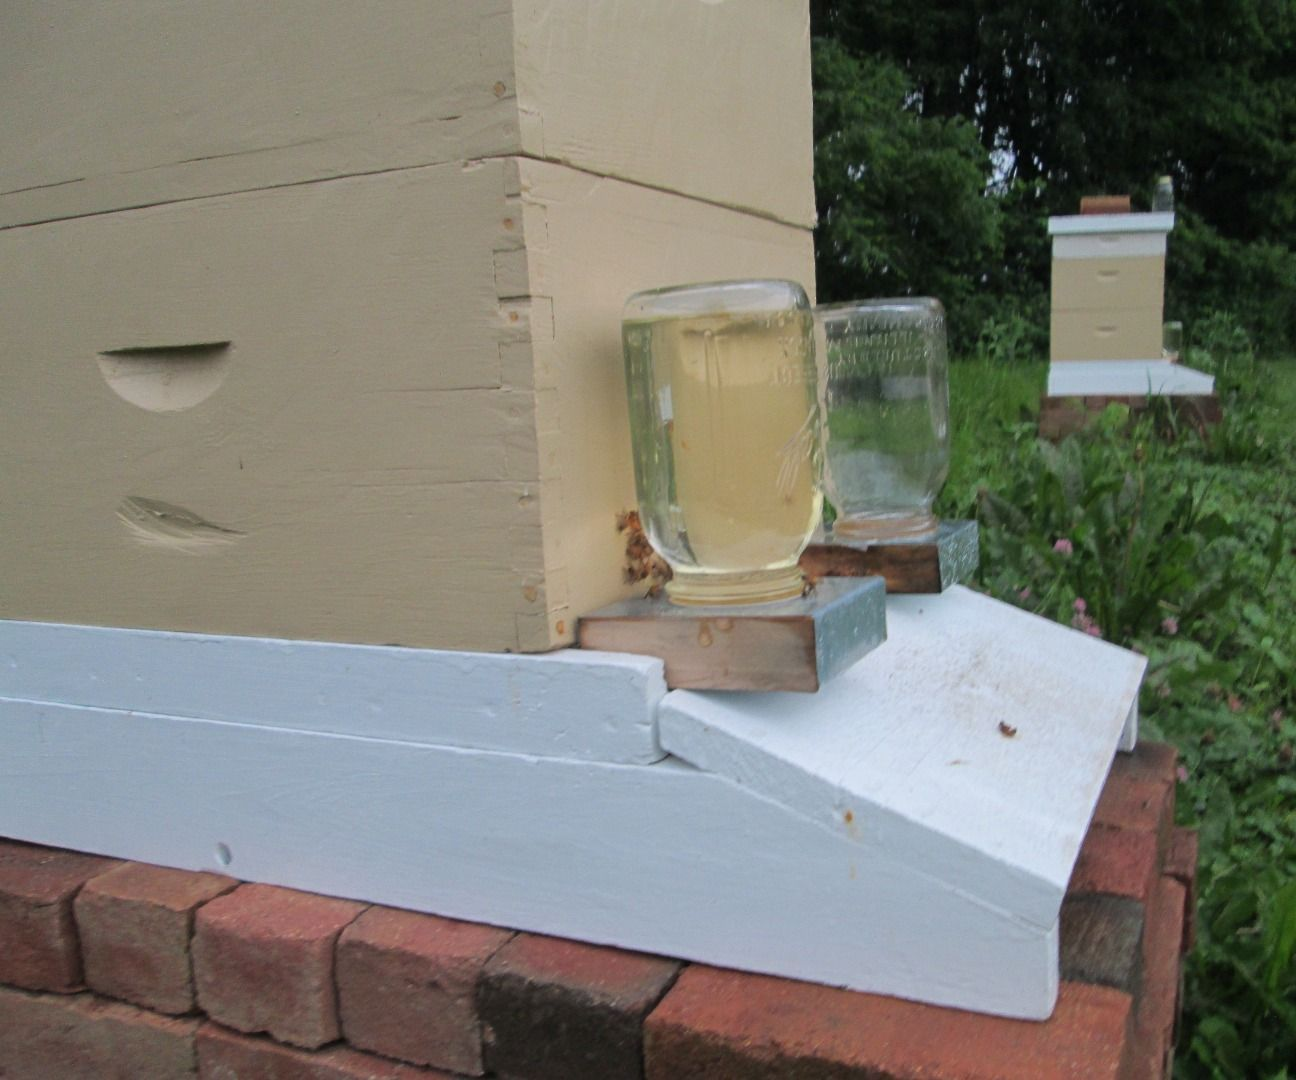 Mason Jar Feeder Boardman Entrance Feeder For A BeeHive